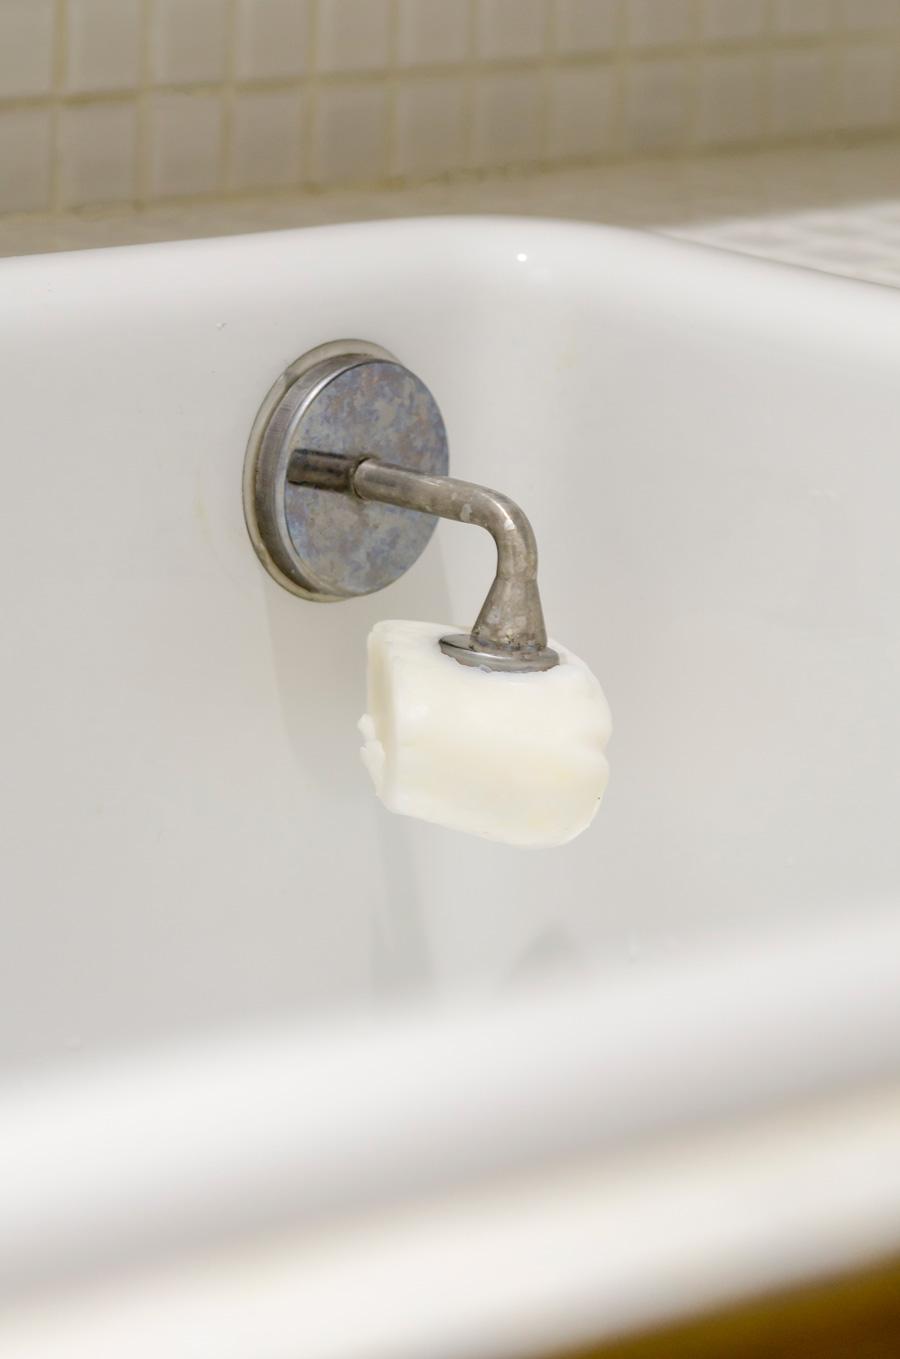 固形石鹸を愛用する尾崎さん。ダルトンのソープホルダーはマグネットでシンクにつけられて便利。